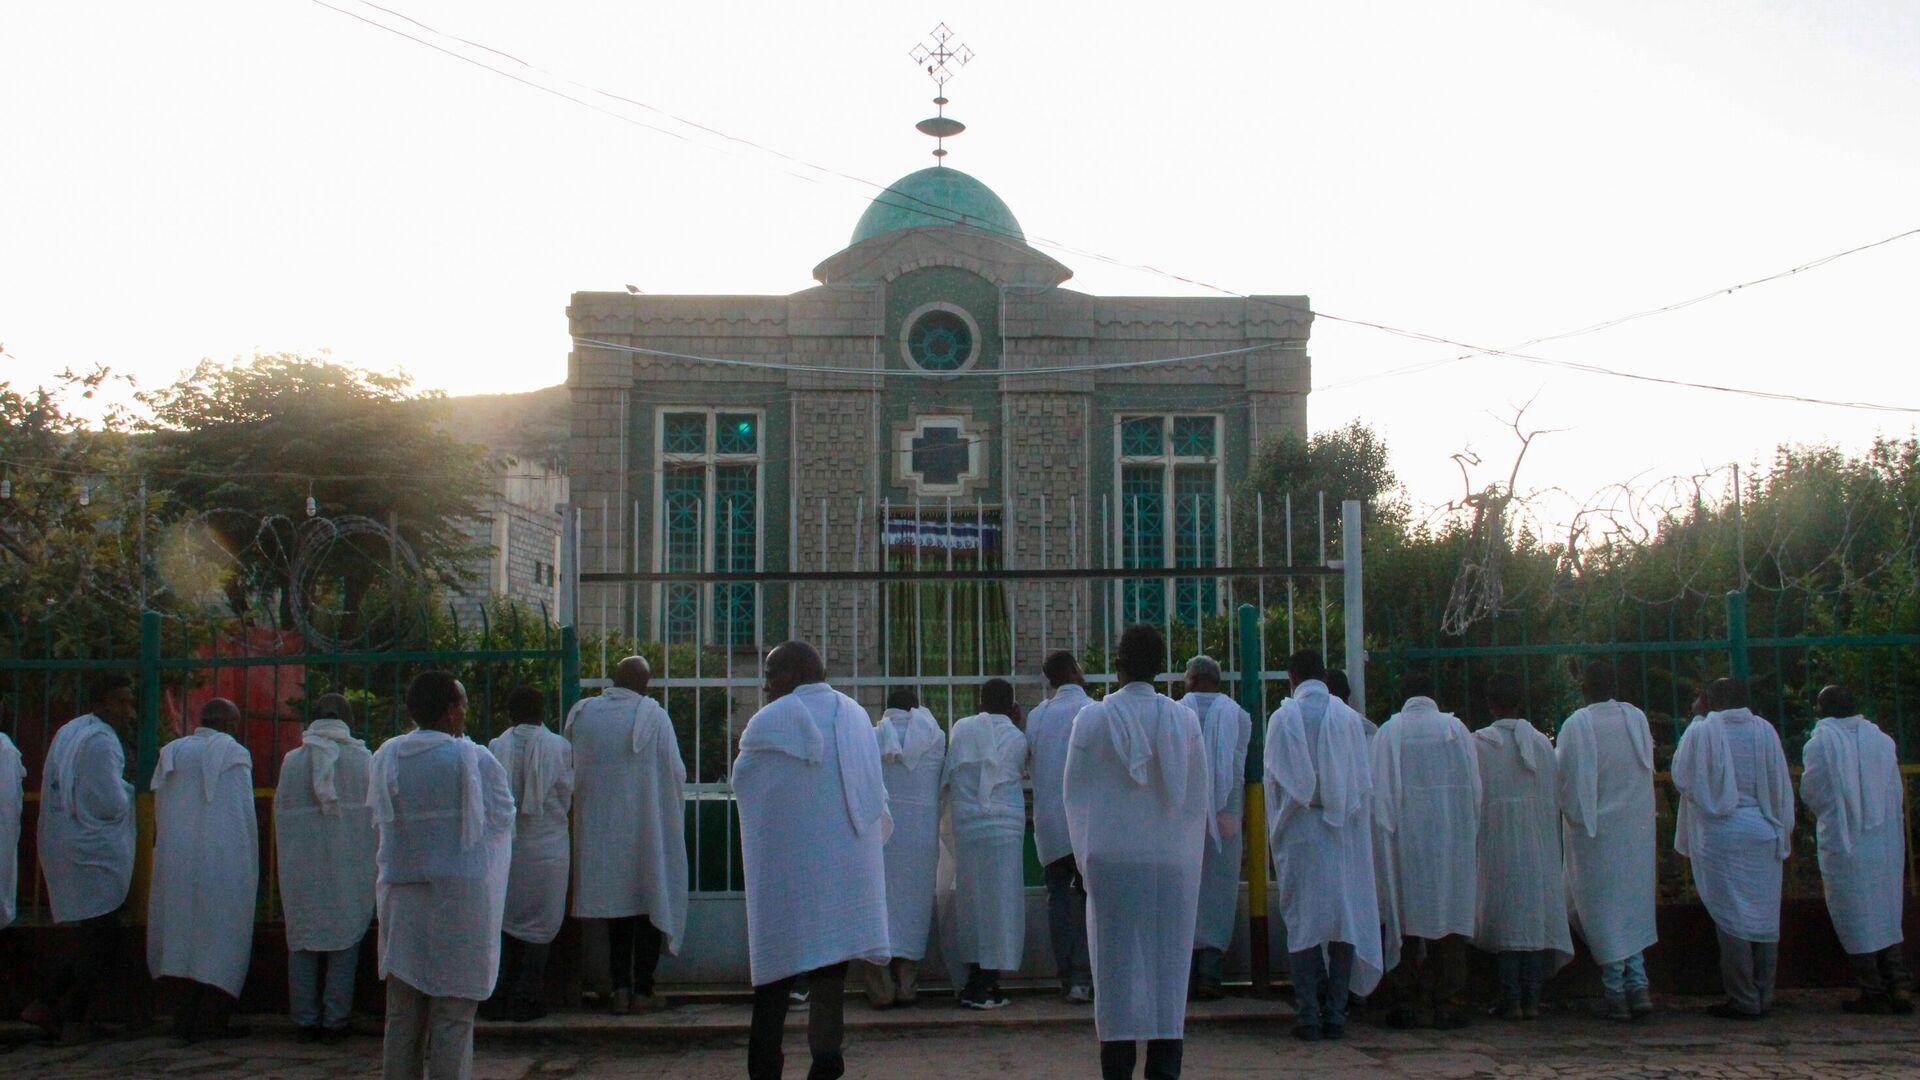 Эфиопские христиане молятся у ворот храма Девы Марии Сионской, где хранится Ковчег Завета. Аксум, Эфиопия - РИА Новости, 1920, 06.10.2020